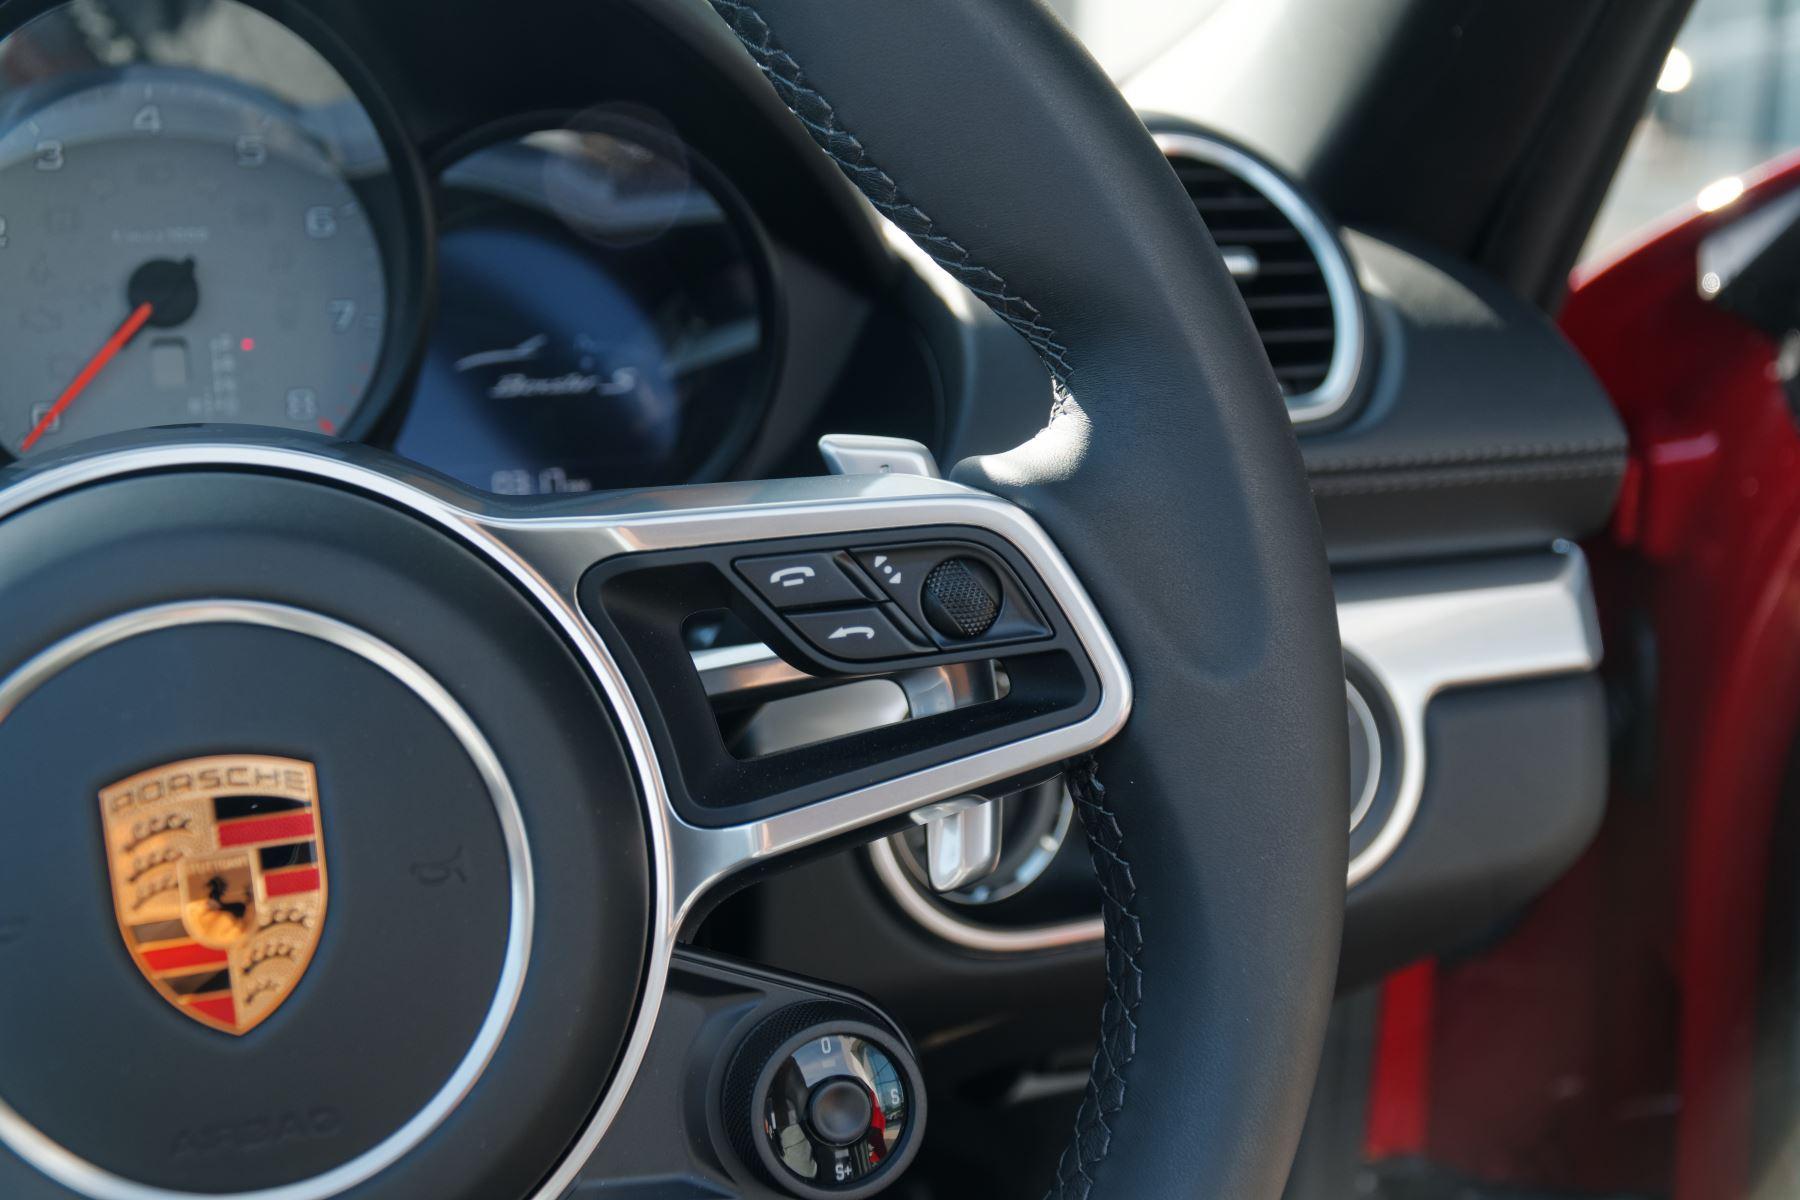 Porsche Boxster S image 22